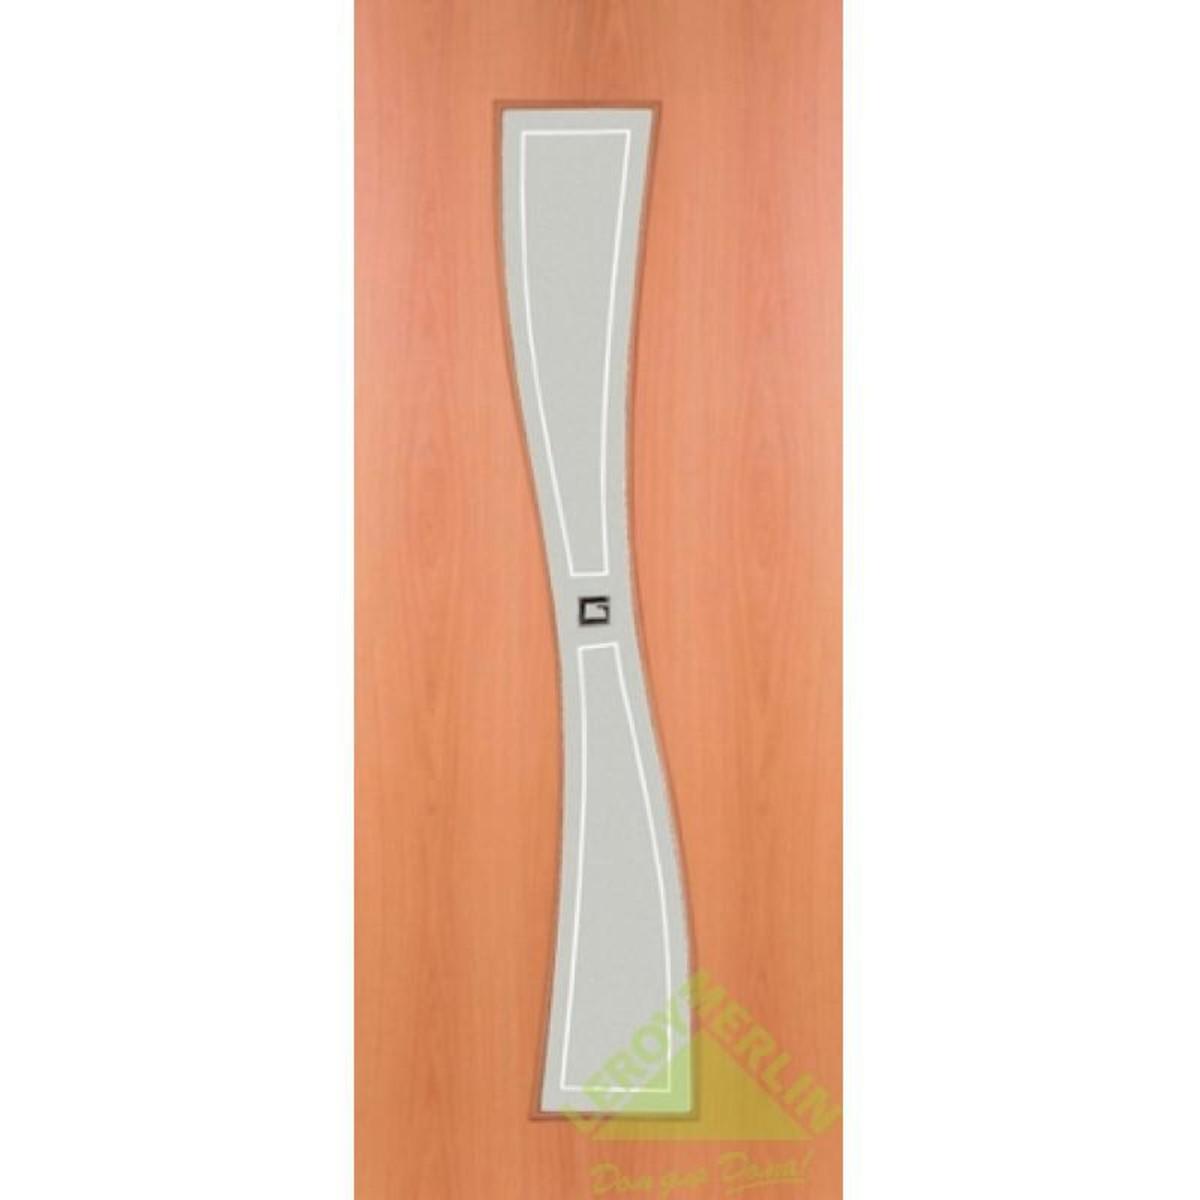 Дверь межкомнатная остеклённая Сезия 800x2000 мм ламинация миланский орех